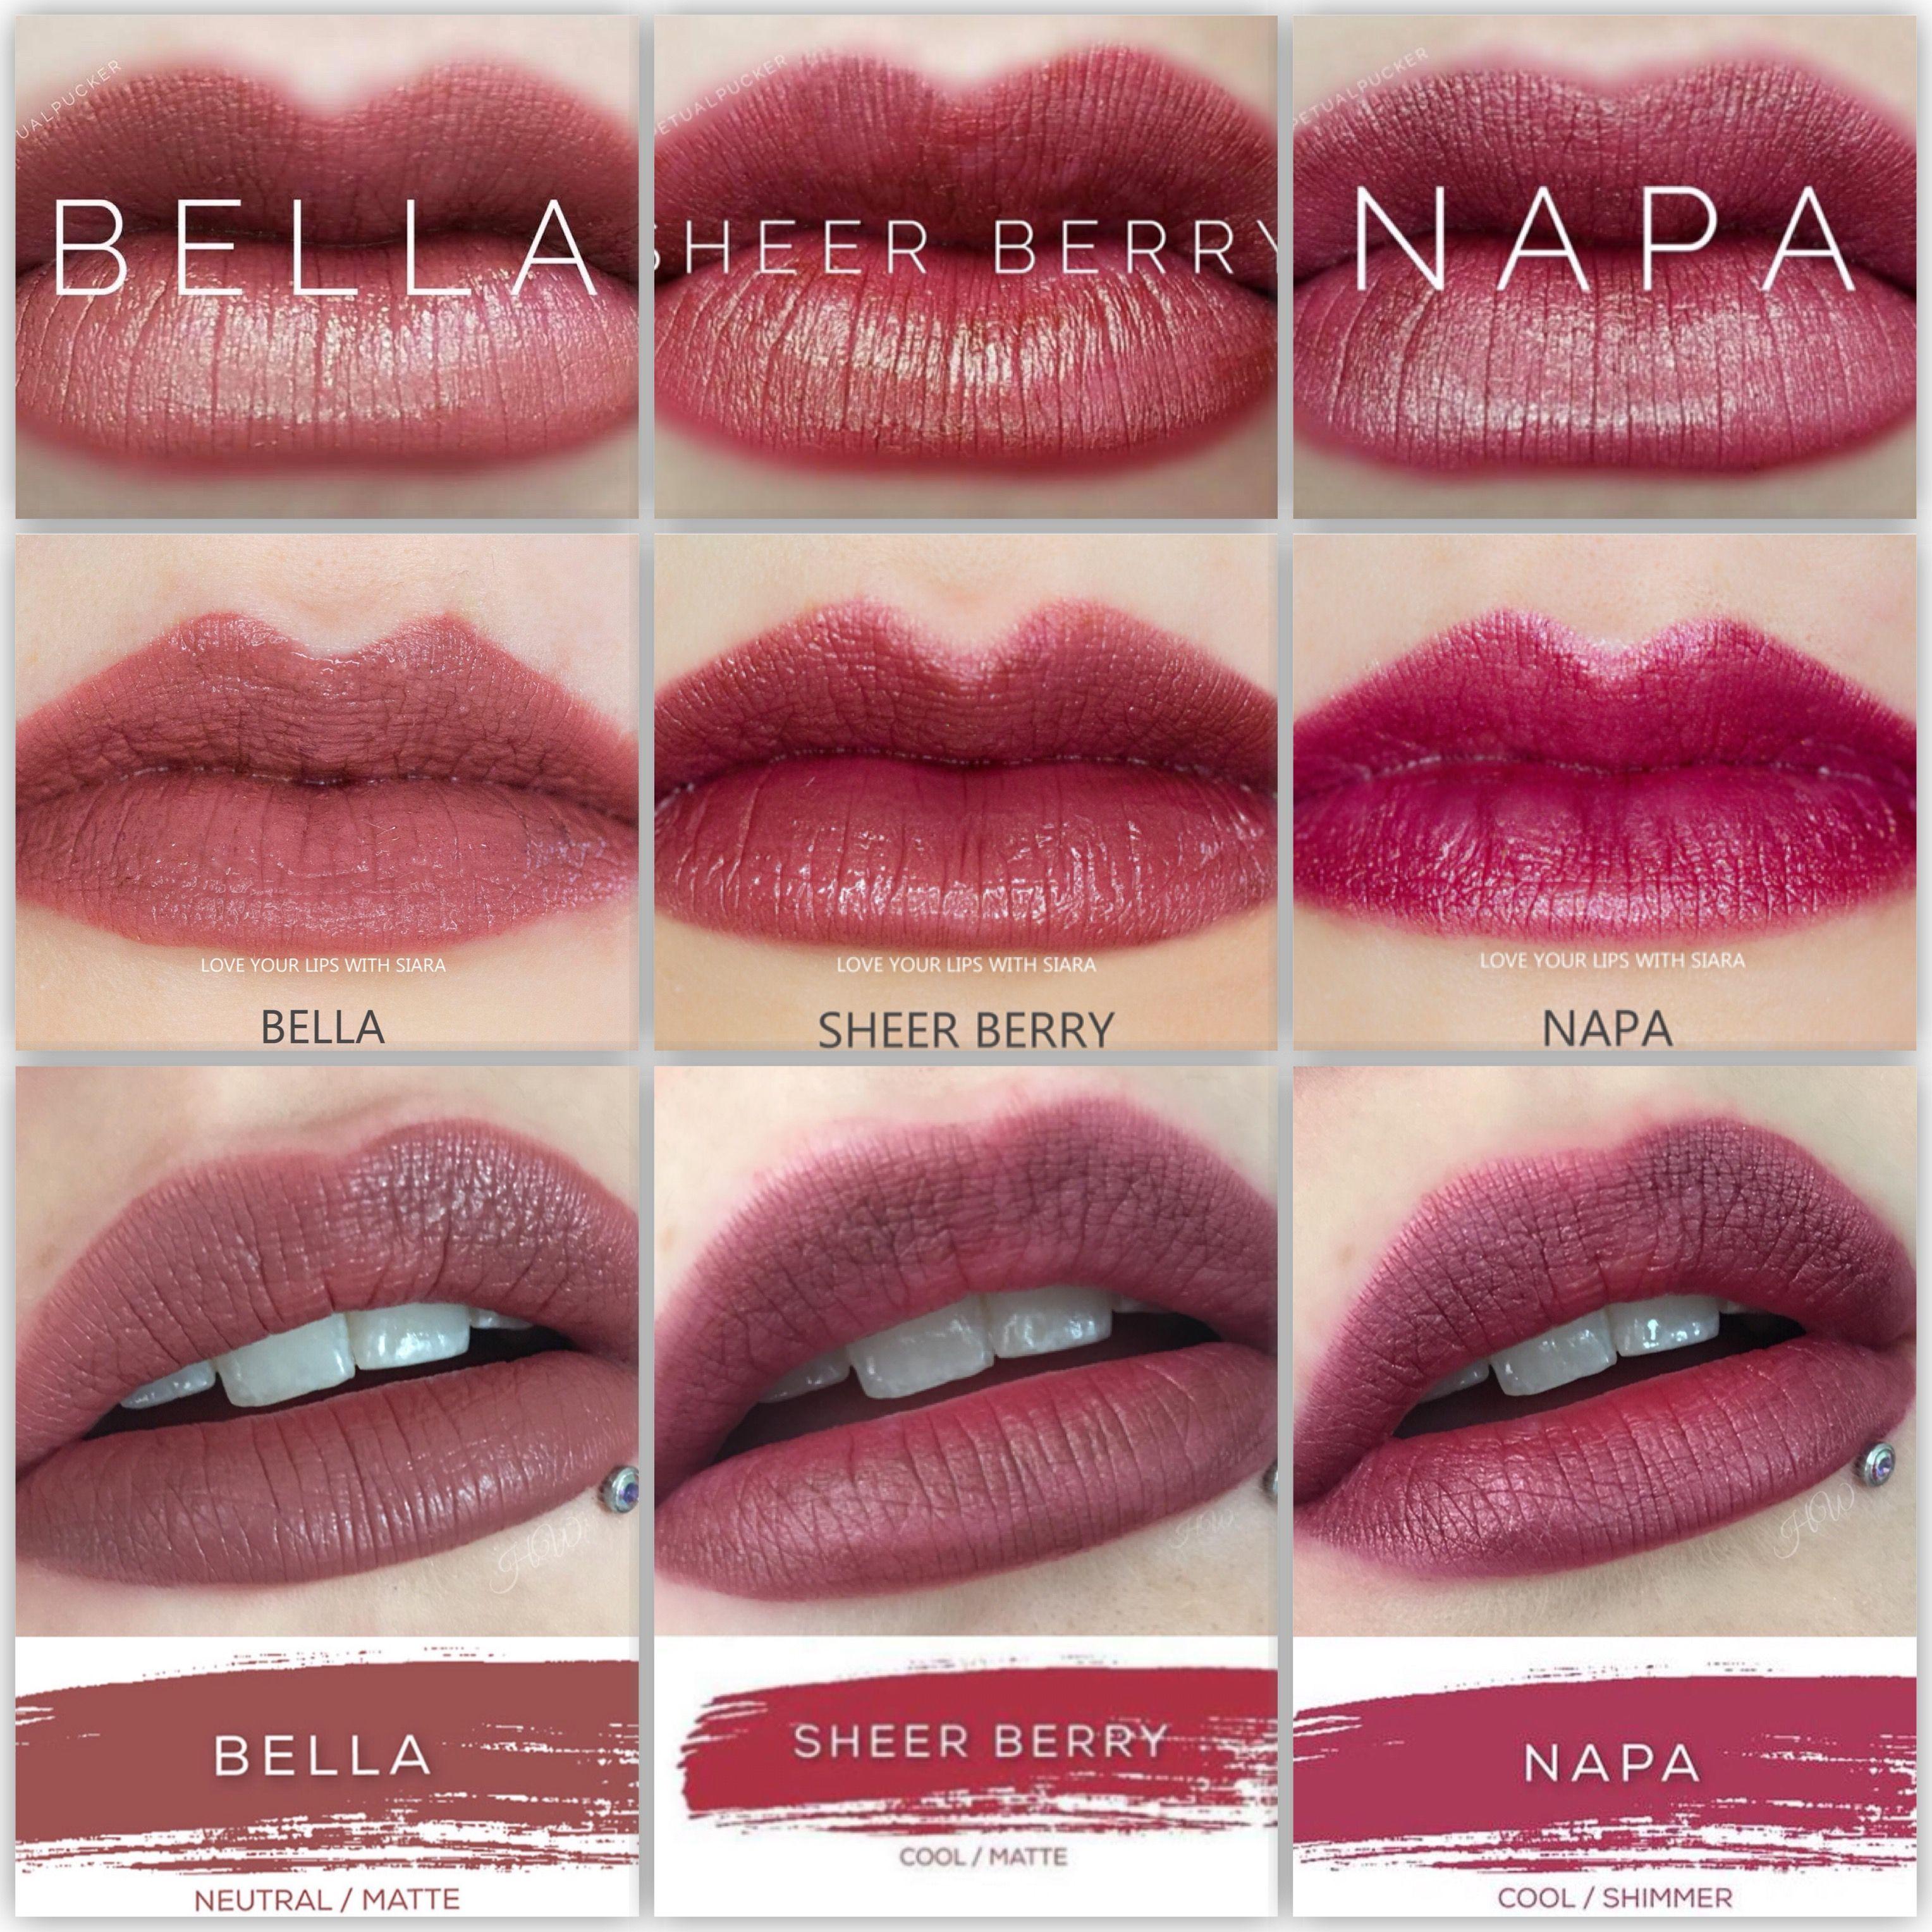 bella vs sheer berry vs napa lipsense lipsense comparisons in